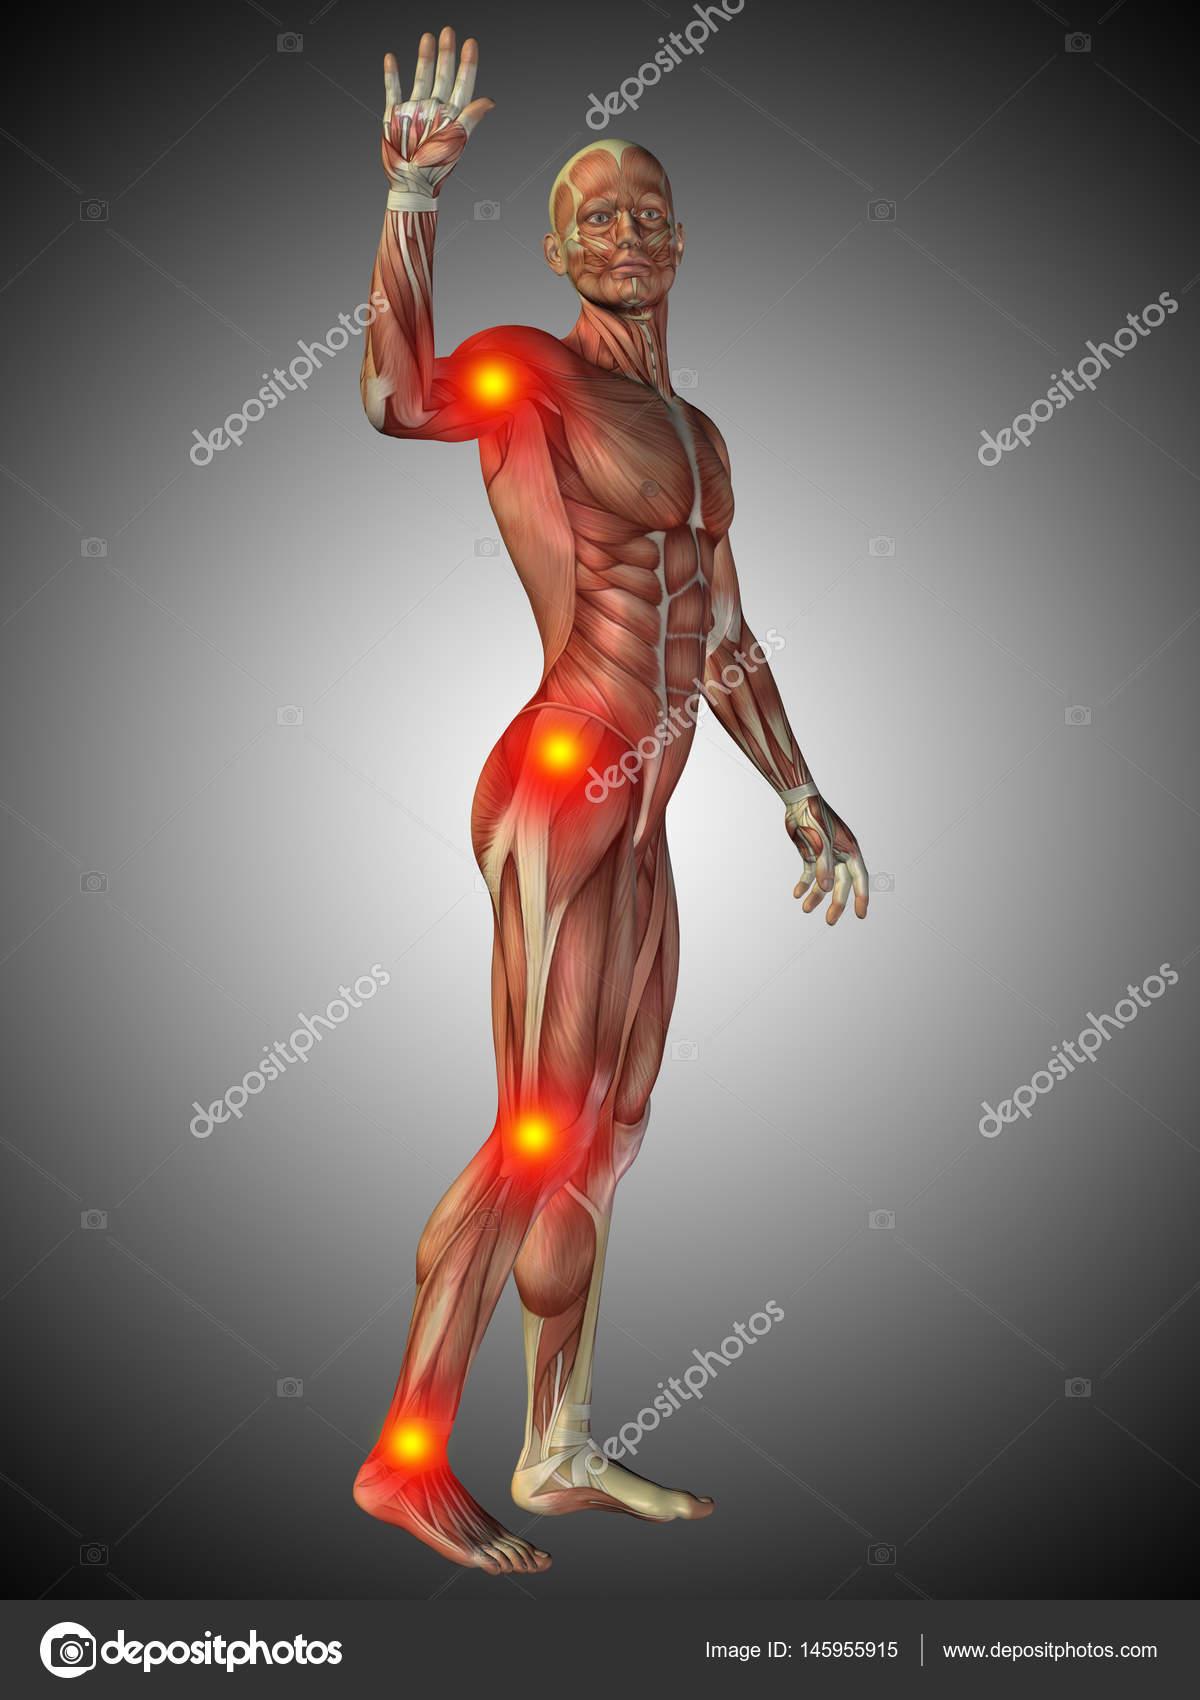 menschliche Anatomie Modell — Stockfoto © design36 #145955915